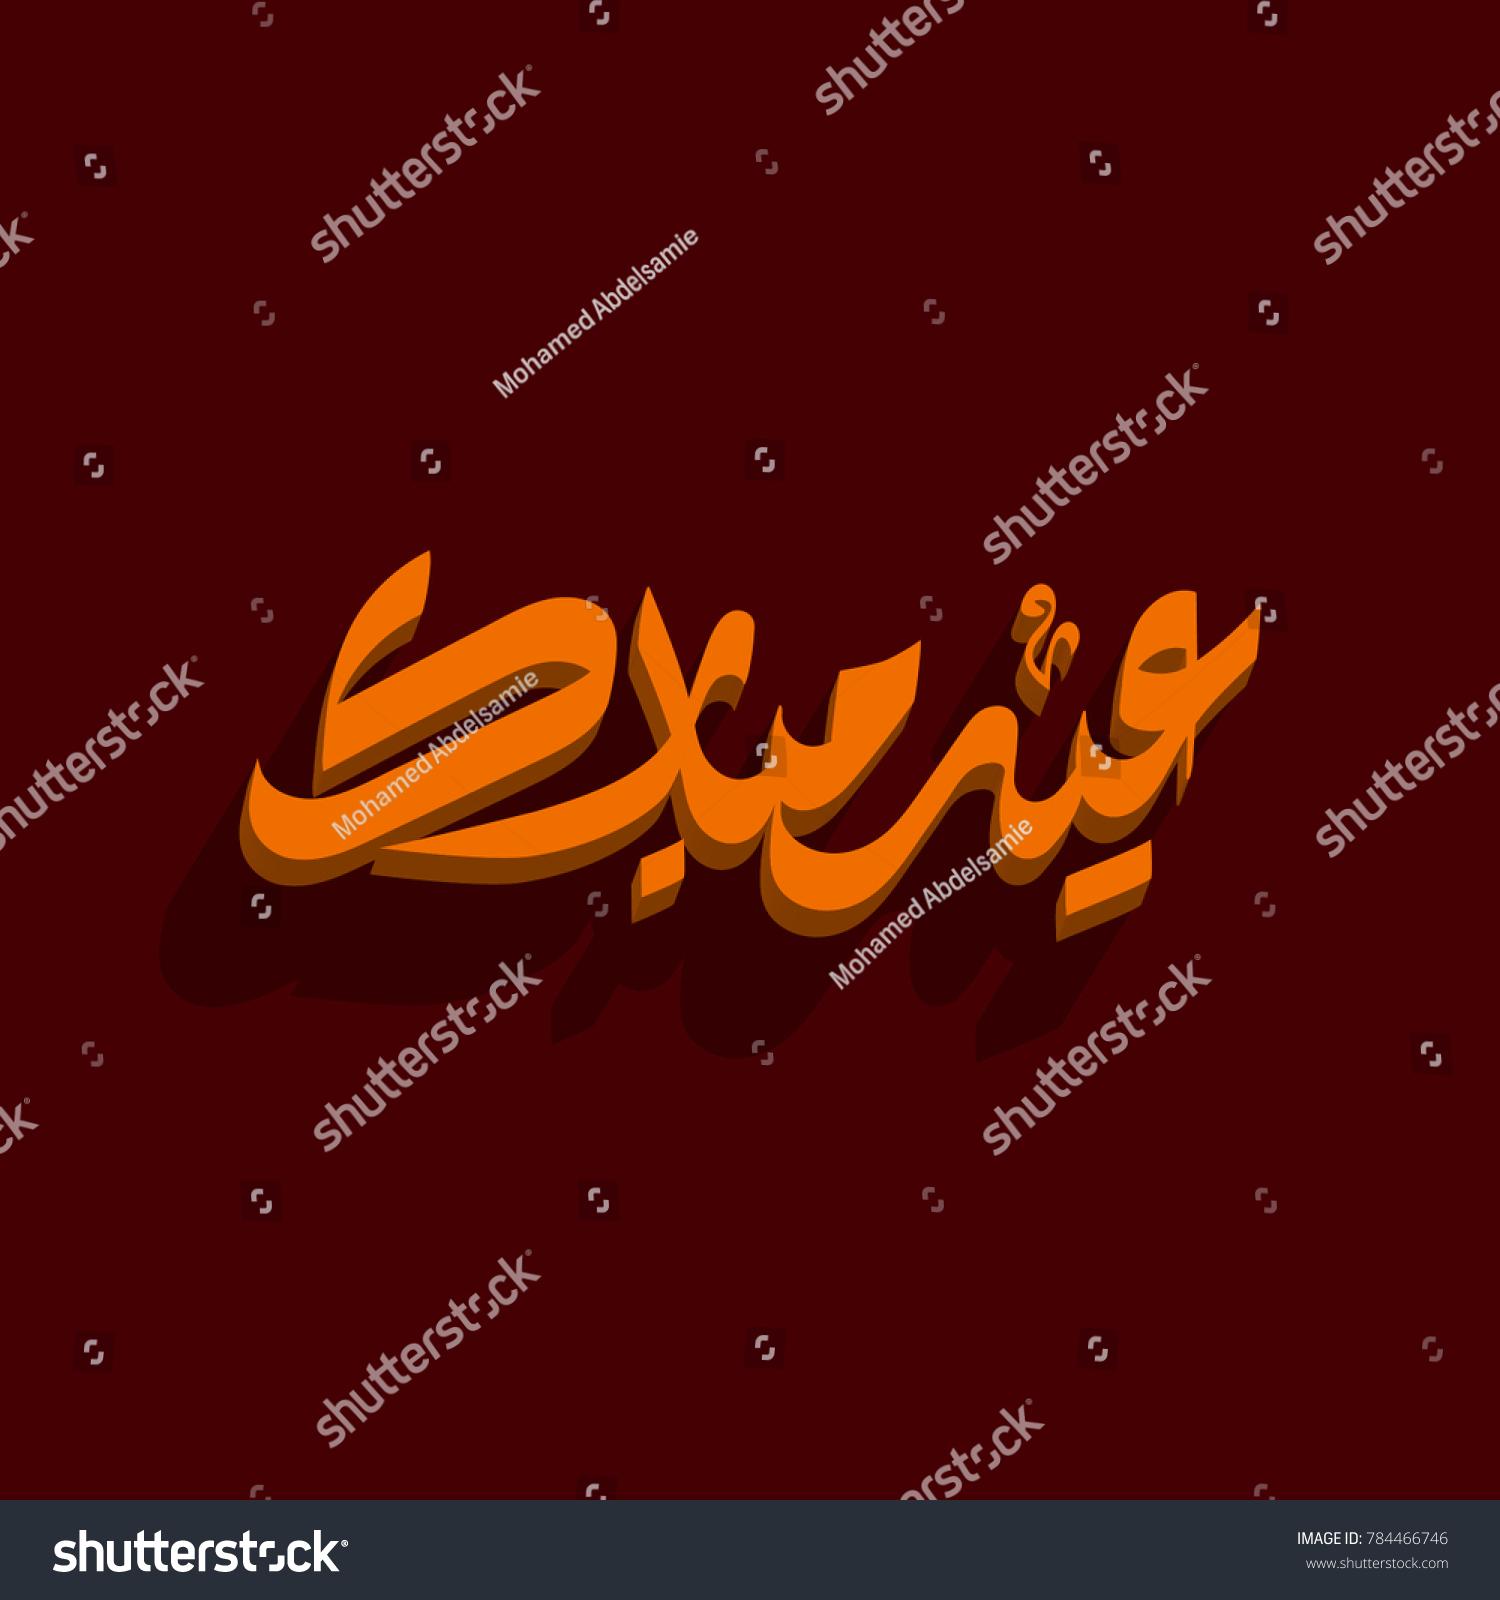 Blessed Eid Arabic Eid Mubarak Greeting Stock Vector 784466746